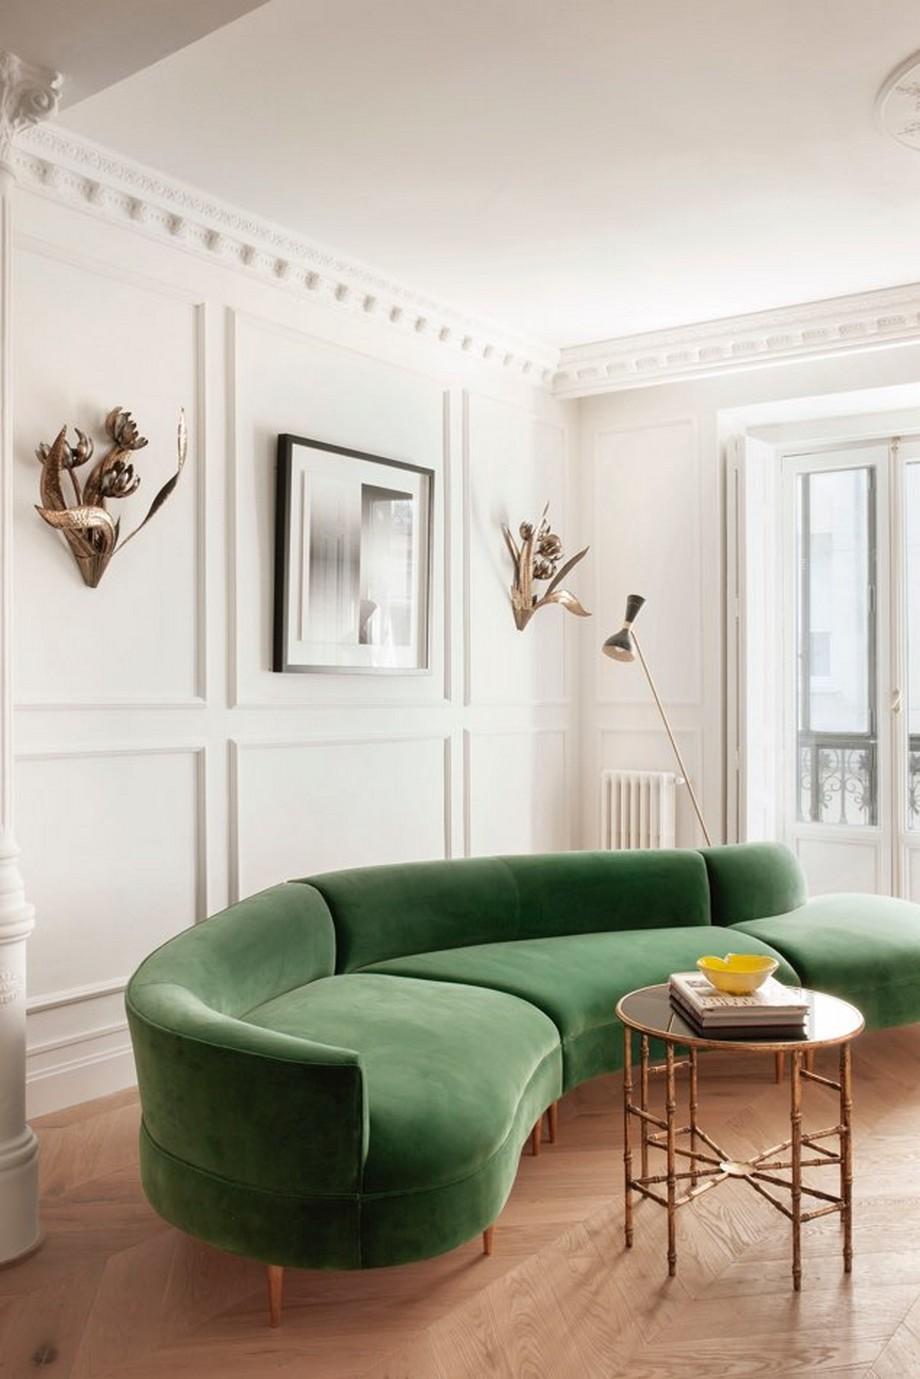 Estudio María Santos: Proyectos de Diseño de Interiores lujuoso en Madrid estudio maría santos Estudio María Santos: Proyectos de Diseño de Interiores lujuoso en Madrid Estudio Maria Santos Justicia 3